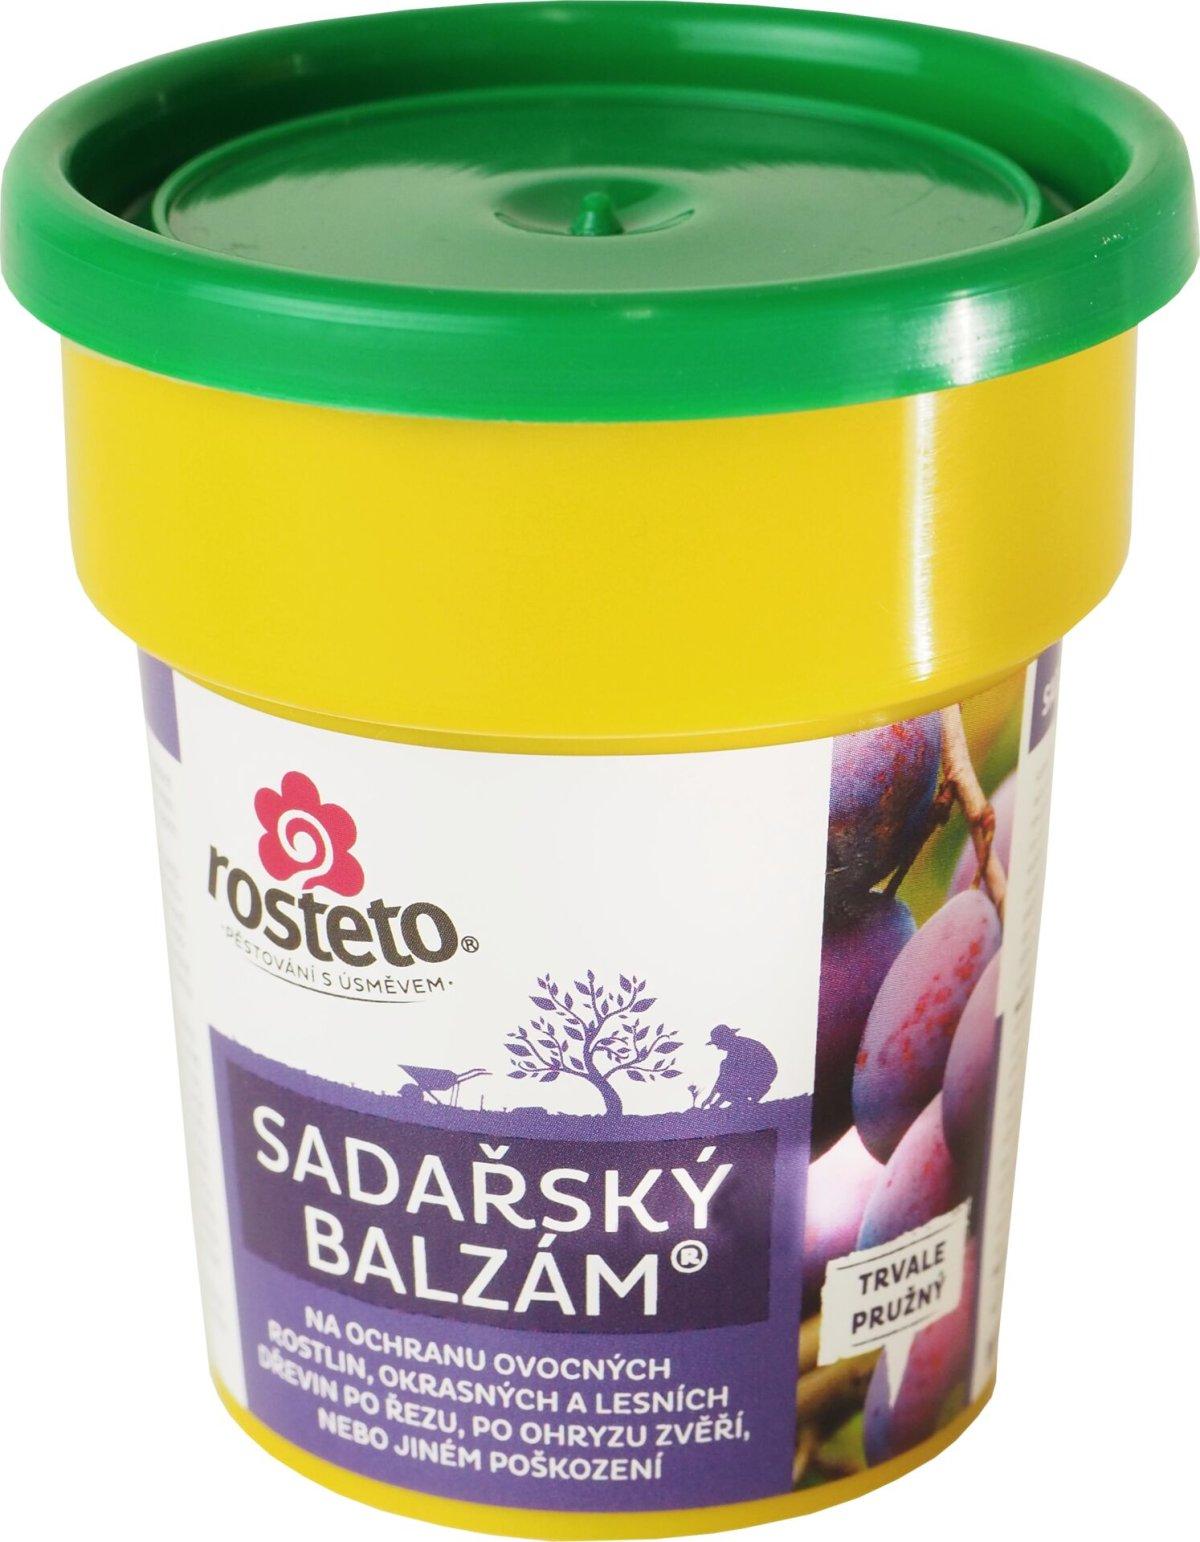 Stromový balzám Rosteto - Sadařský 180 g